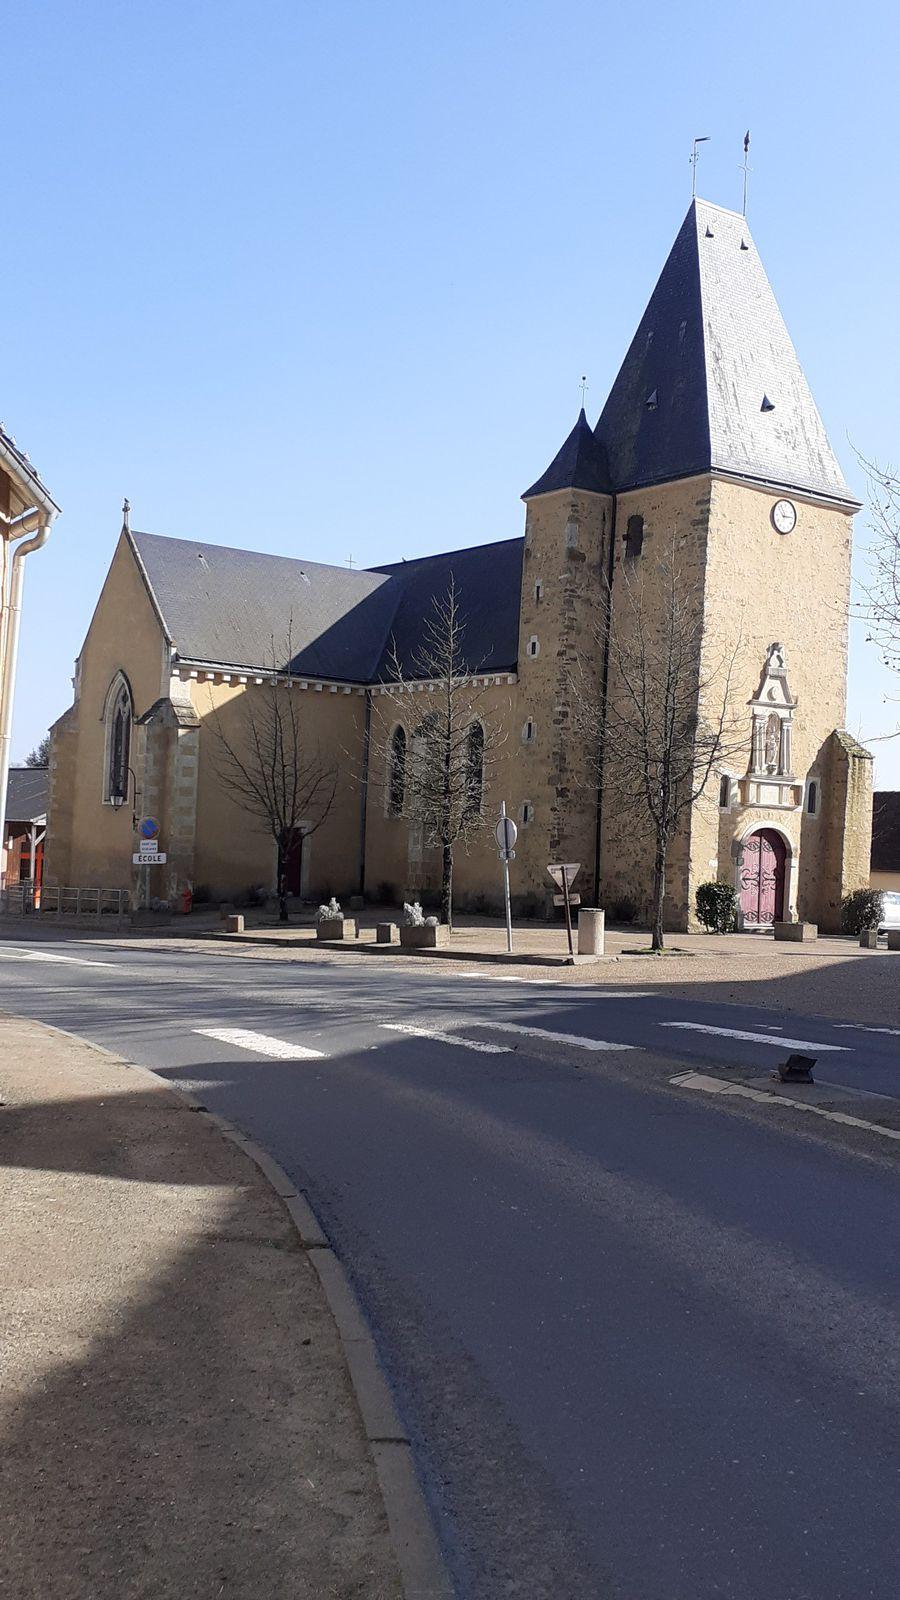 Eglise Saint Eloi reconstituée au XIX -ème siècle sur une base romane.